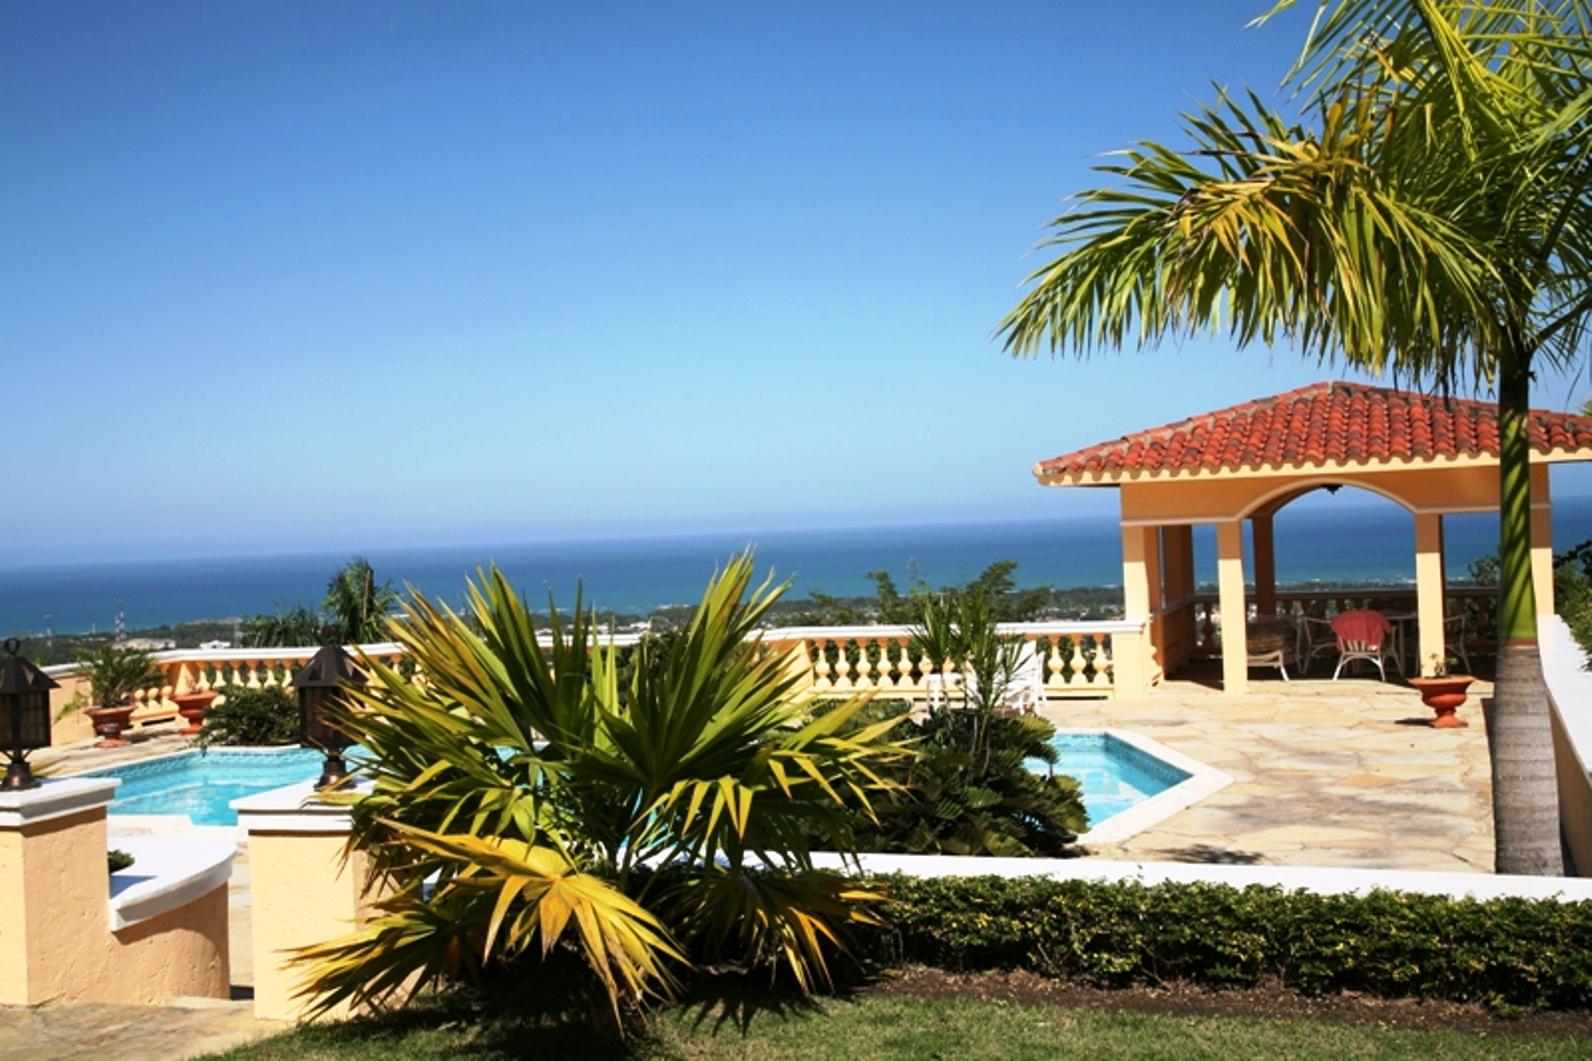 Venda casa de campo puerto plata puerto plata rep blica dominicana puerto plata rep blica - Apartamentos puerto plata ...